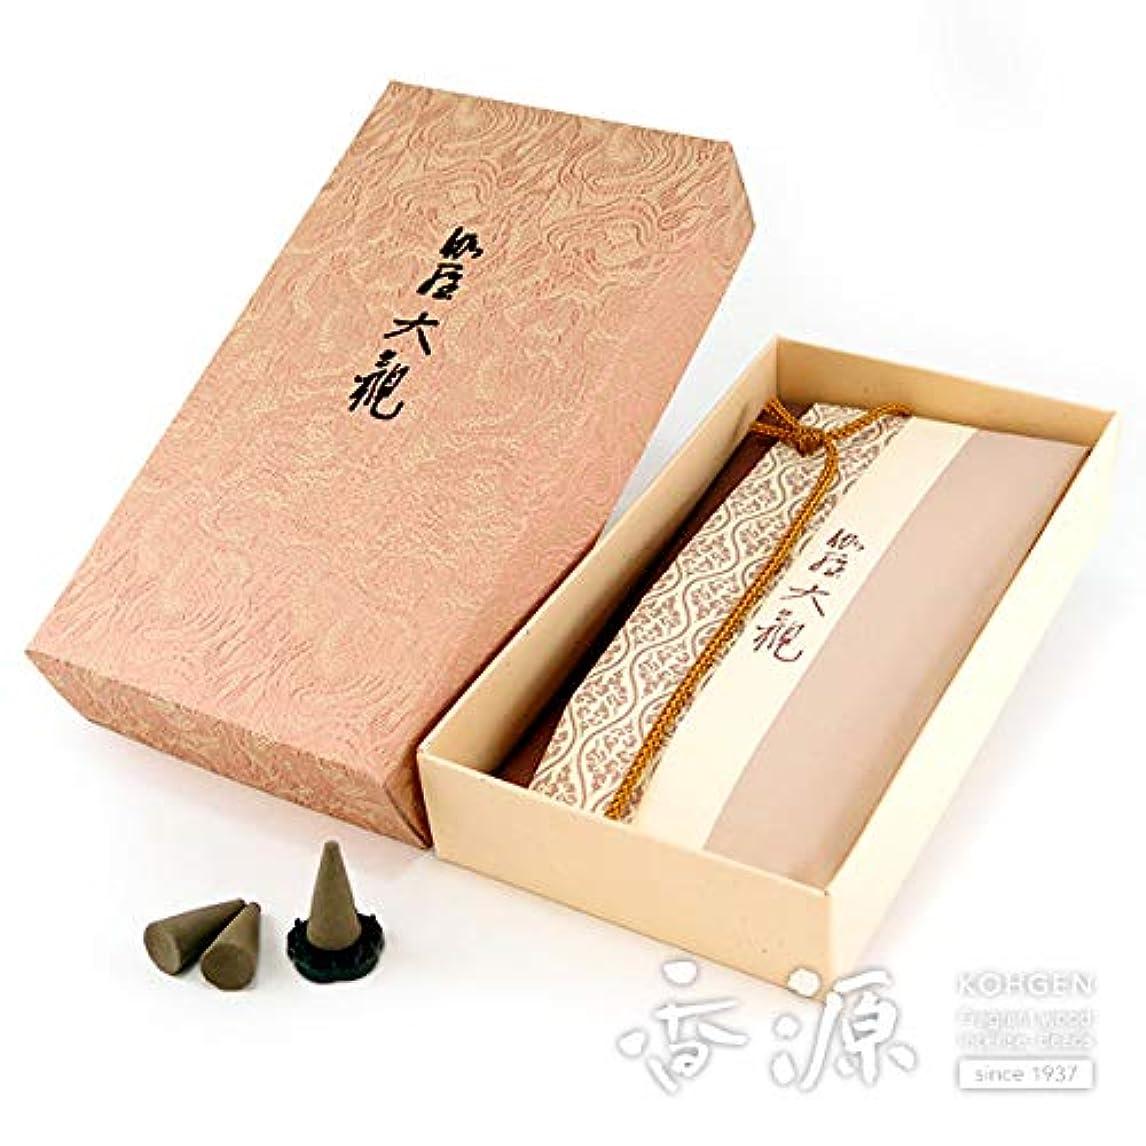 数学品揃え漂流日本香堂のお香 伽羅大観 コーン型 24個入